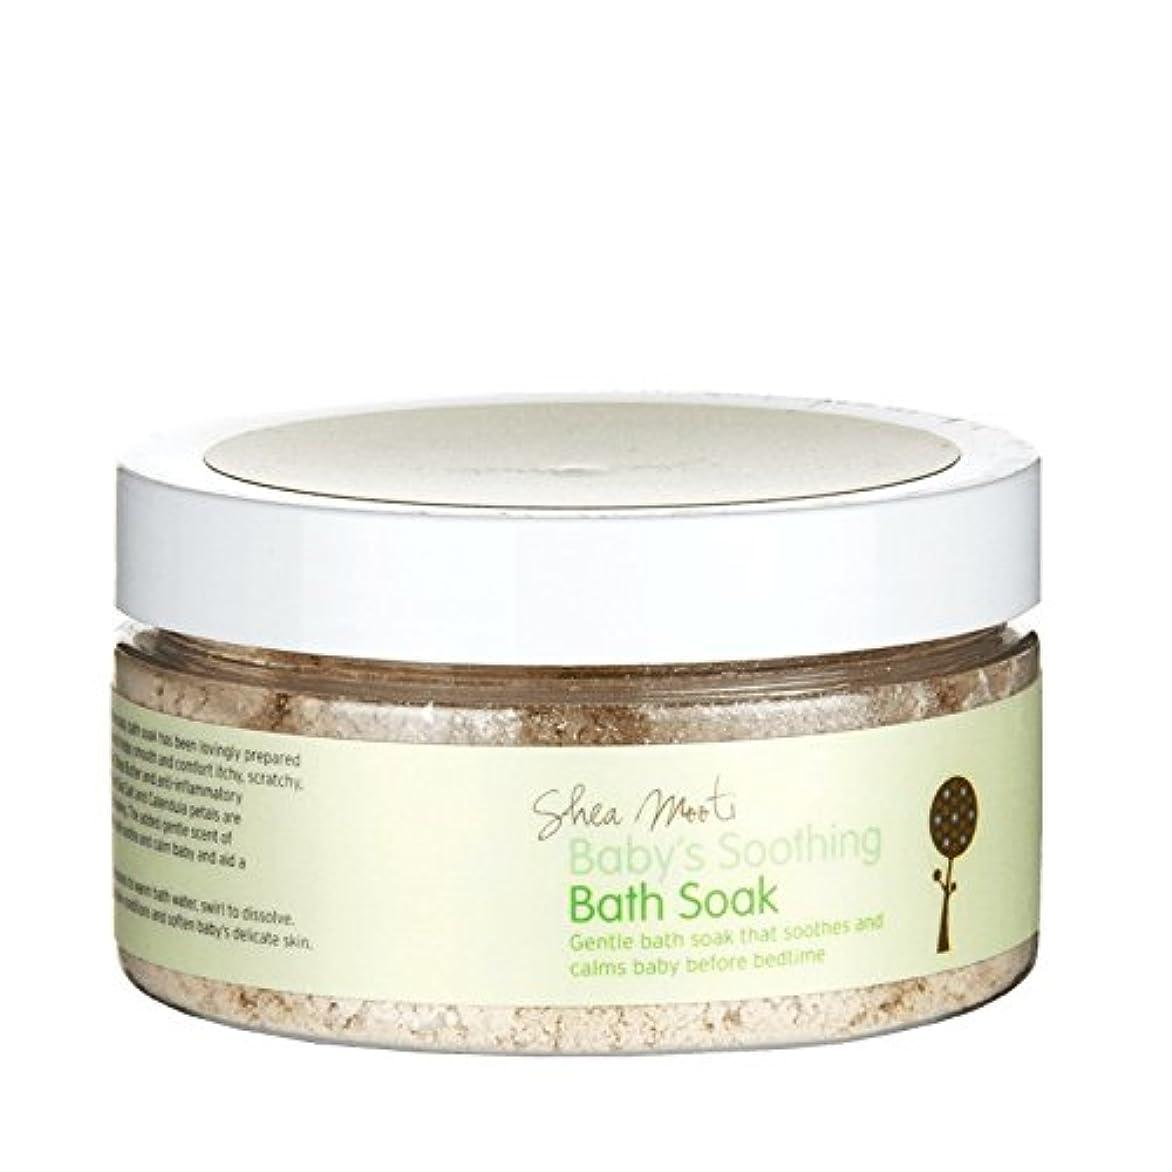 承認する自宅でボンドShea Mooti Baby's Soothing Bath Soak 130g (Pack of 2) - シアバターMooti赤ちゃんの癒しのお風呂は、130グラムを浸し (x2) [並行輸入品]